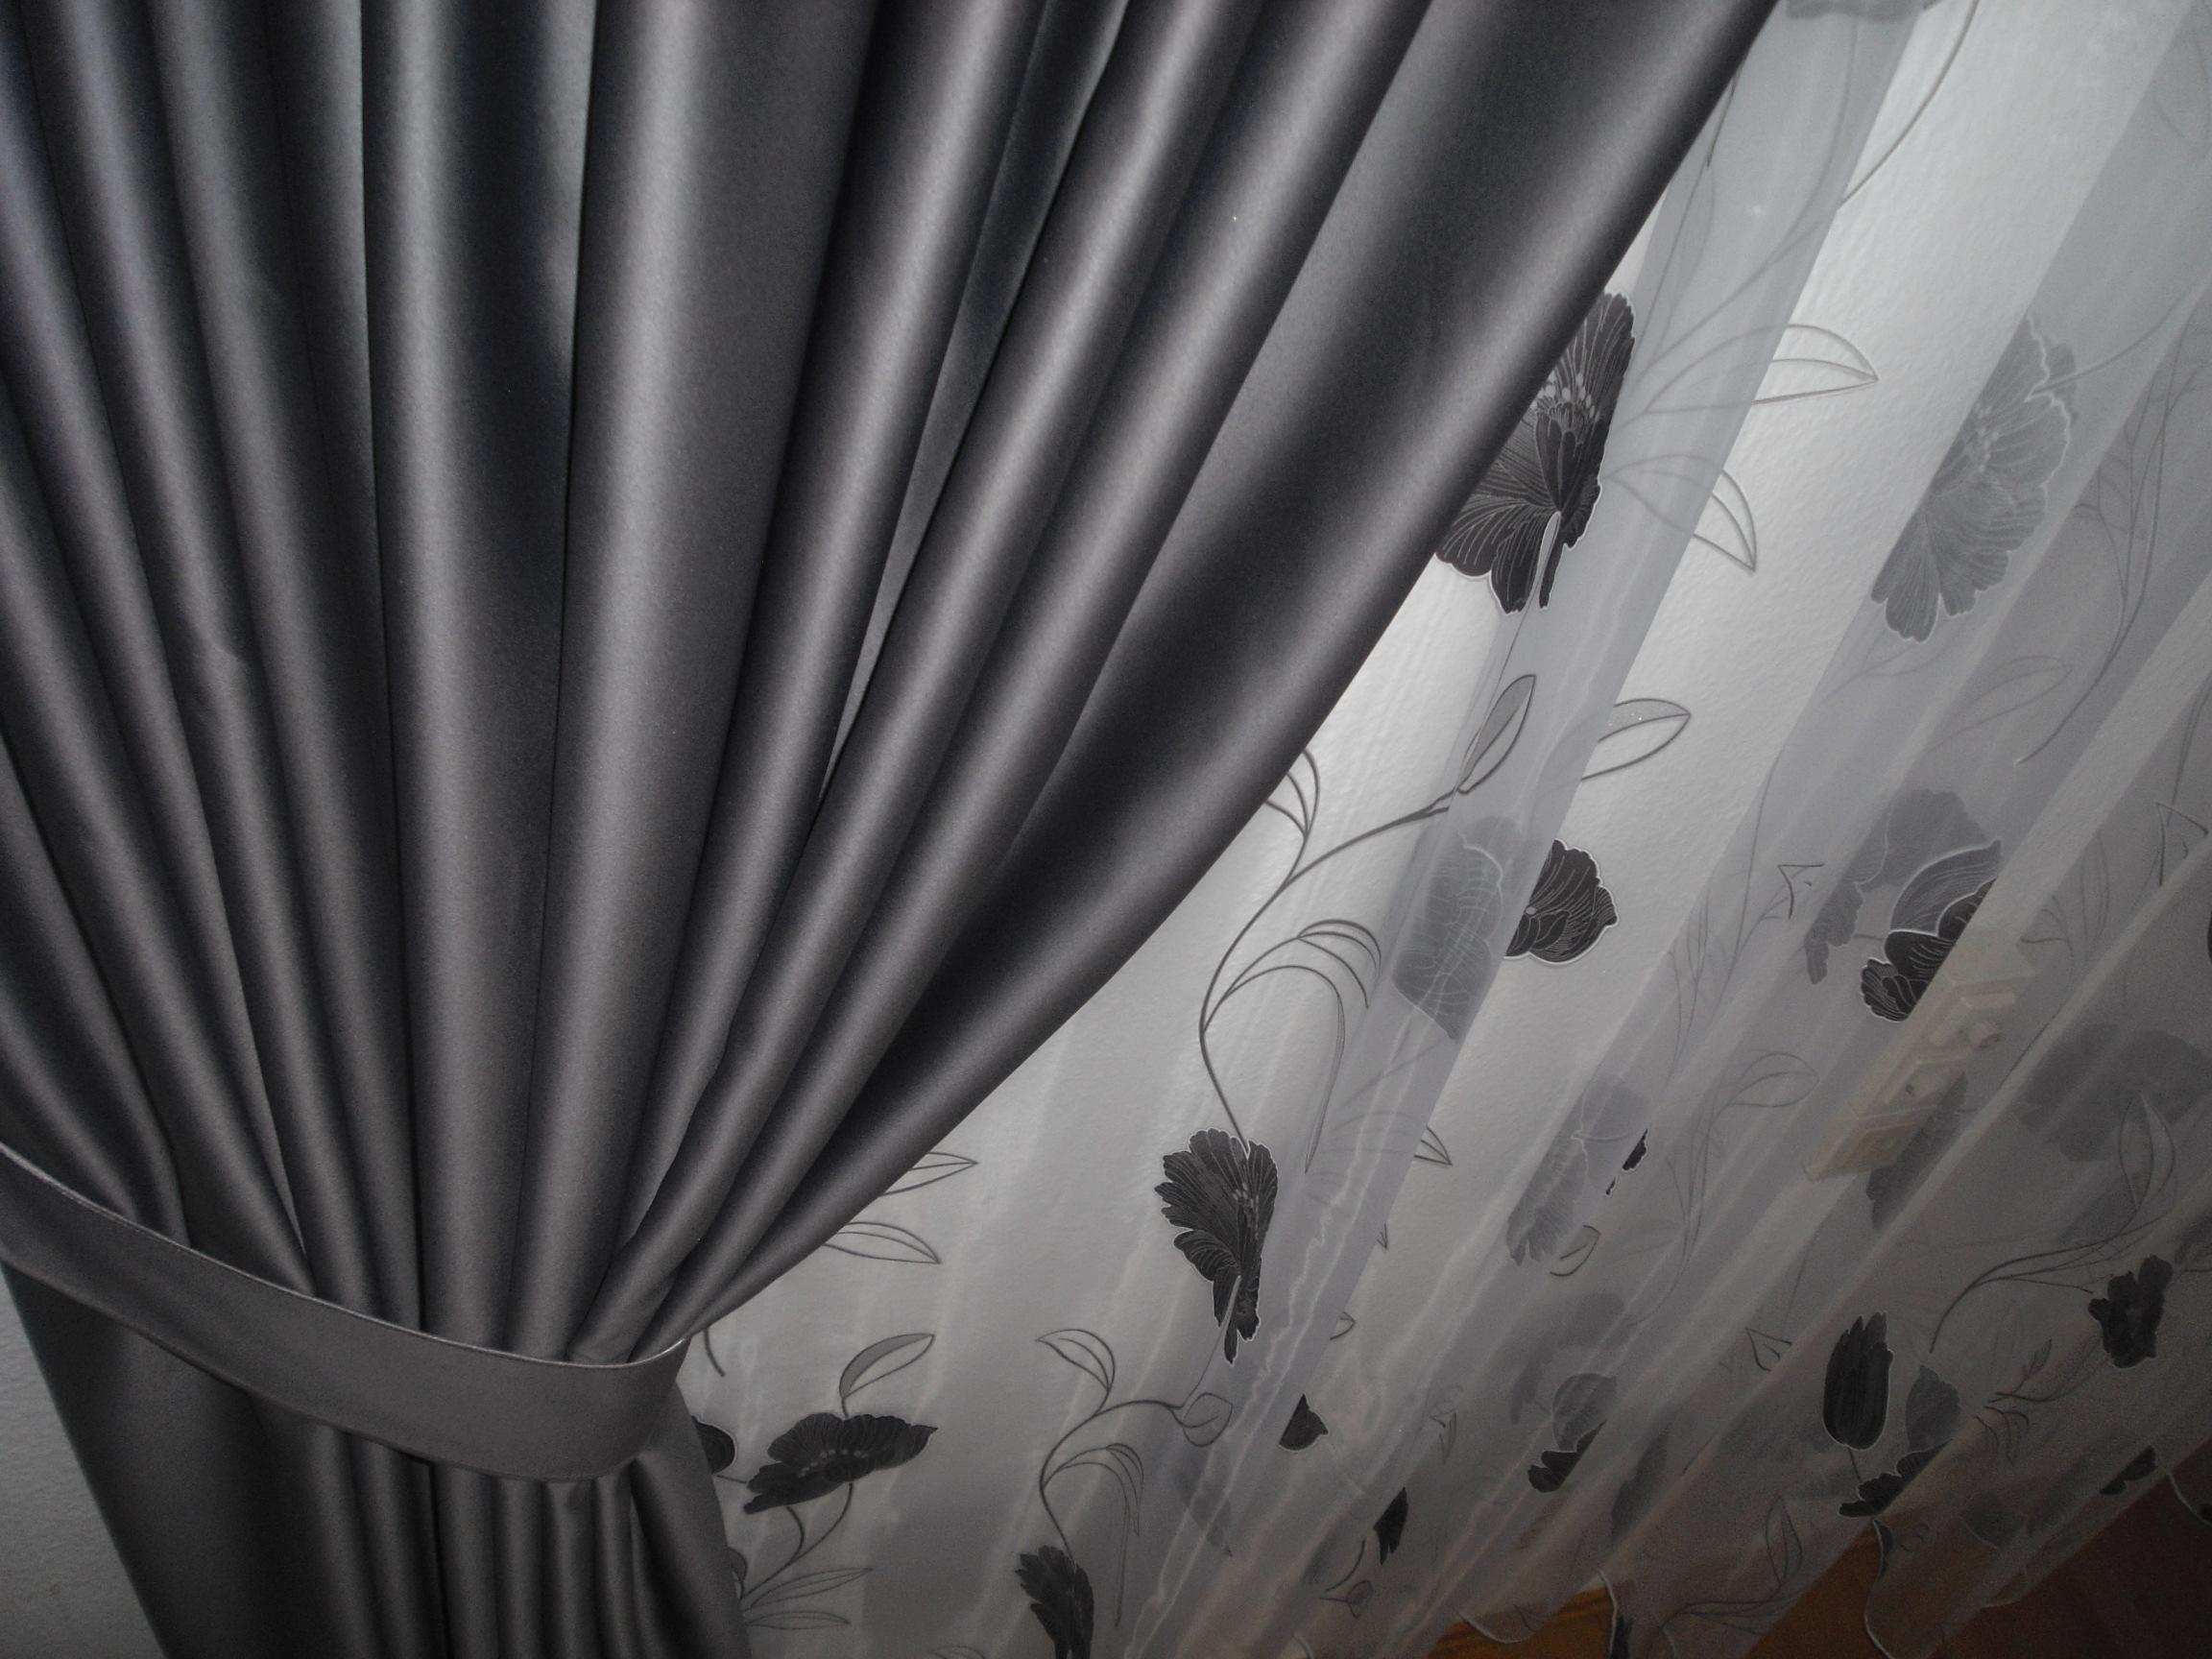 Full Size of Gardinen Wohnzimmer 36 Ideen Led Lampen Bilder Xxl Deckenlampen Modern Decke Wohnwand Schrankwand Teppich Moderne Fürs Für Schlafzimmer Tisch Vinylboden Wohnzimmer Gardinen Wohnzimmer